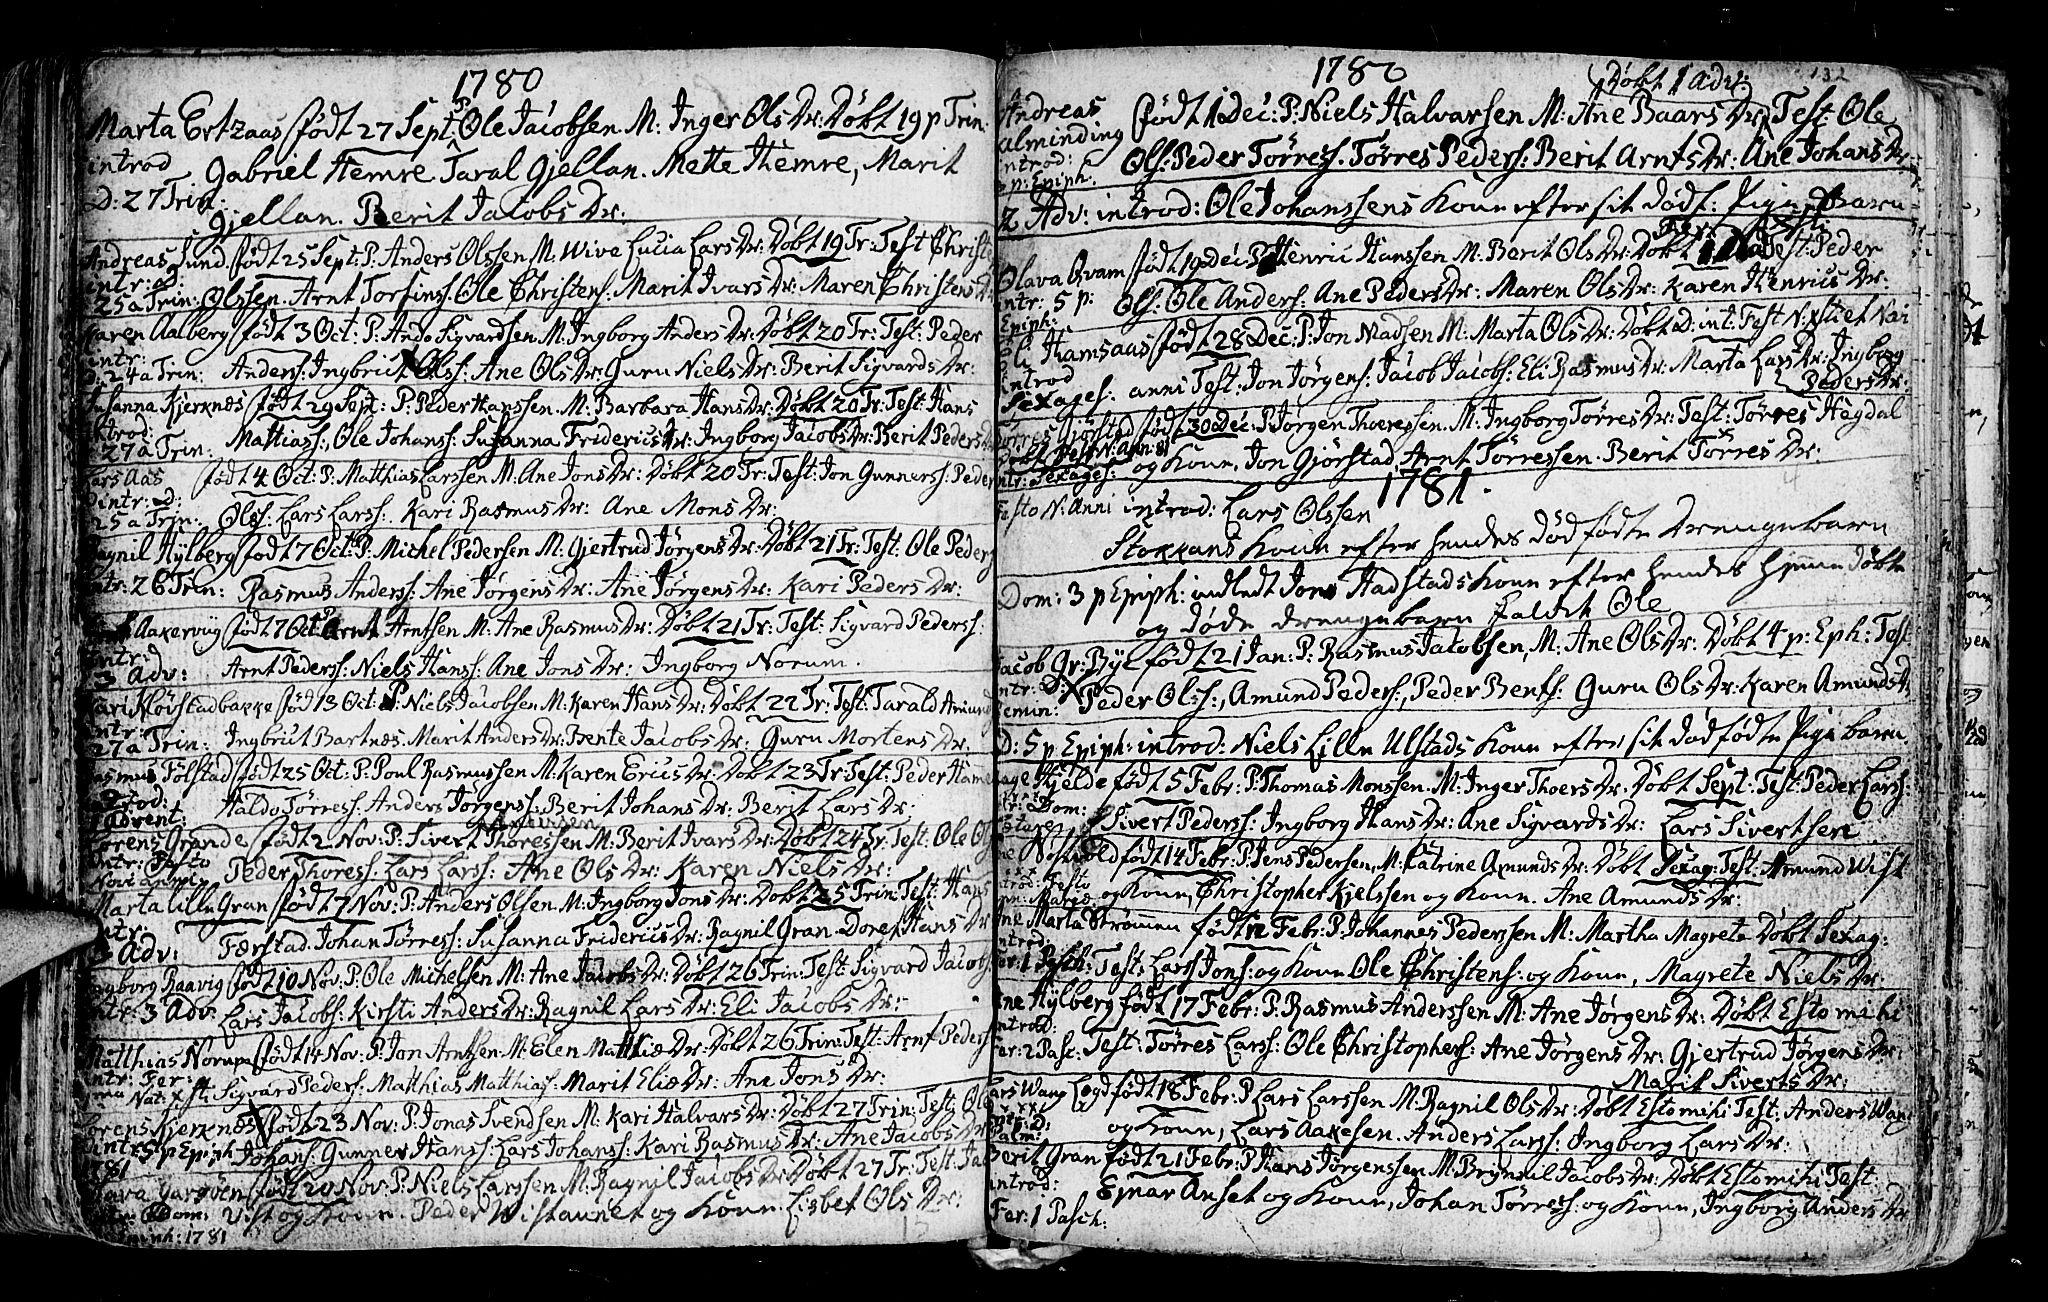 SAT, Ministerialprotokoller, klokkerbøker og fødselsregistre - Nord-Trøndelag, 730/L0273: Ministerialbok nr. 730A02, 1762-1802, s. 132